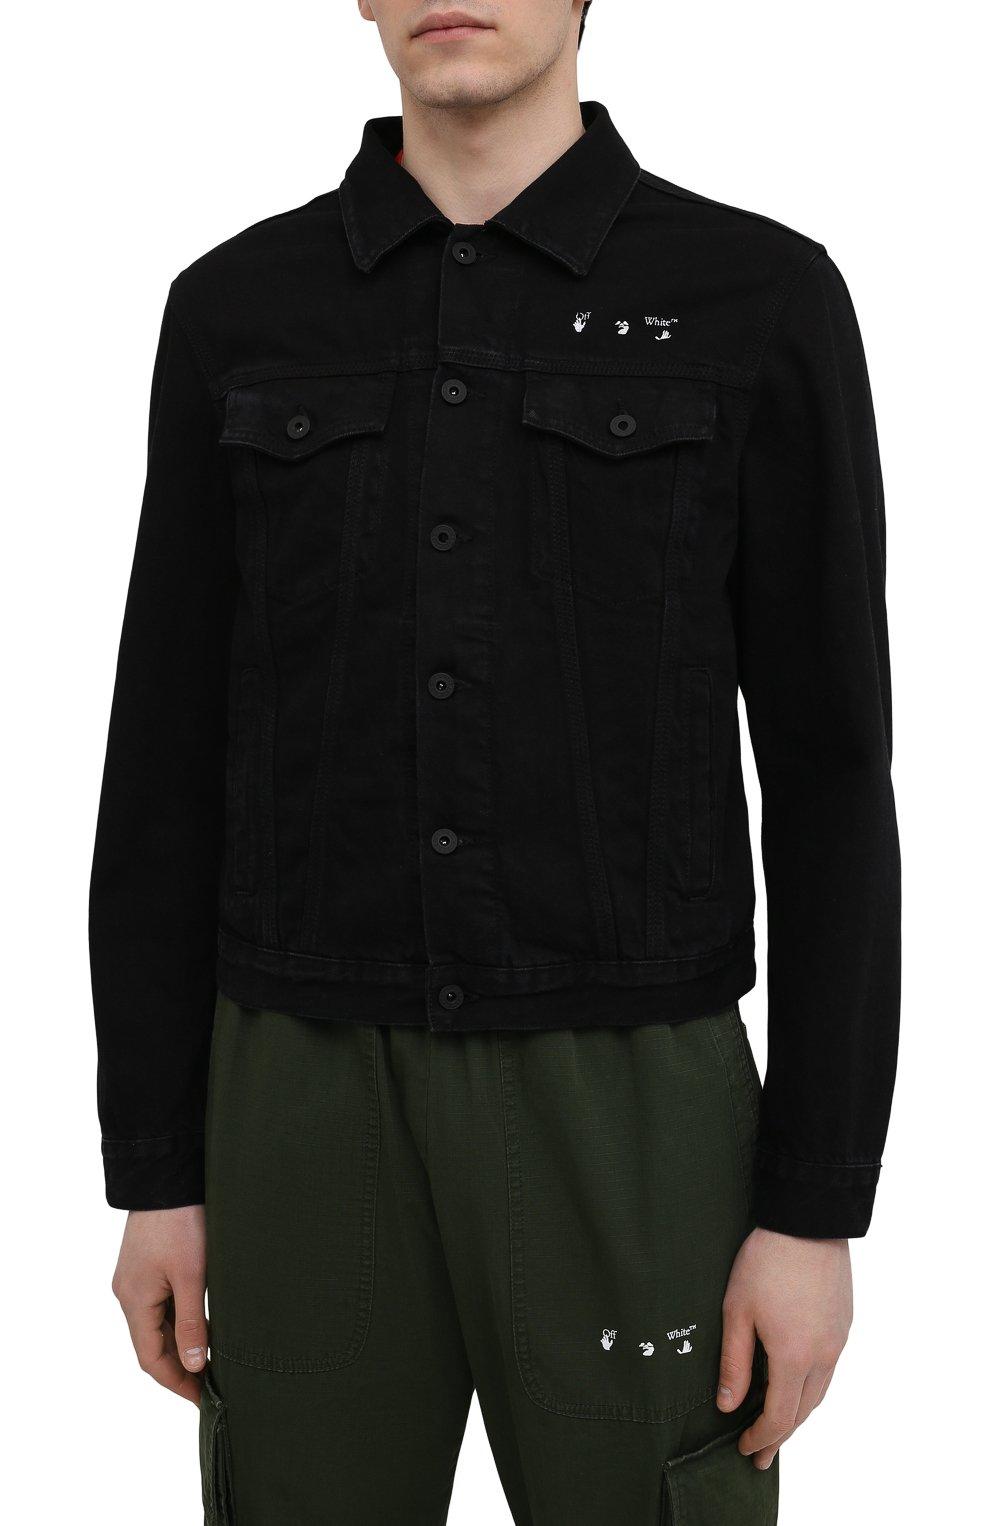 Мужская джинсовая куртка OFF-WHITE черного цвета, арт. 0MYE054S21DEN001   Фото 3 (Кросс-КТ: Куртка, Деним; Рукава: Длинные; Материал внешний: Хлопок; Стили: Спорт-шик; Длина (верхняя одежда): Короткие)